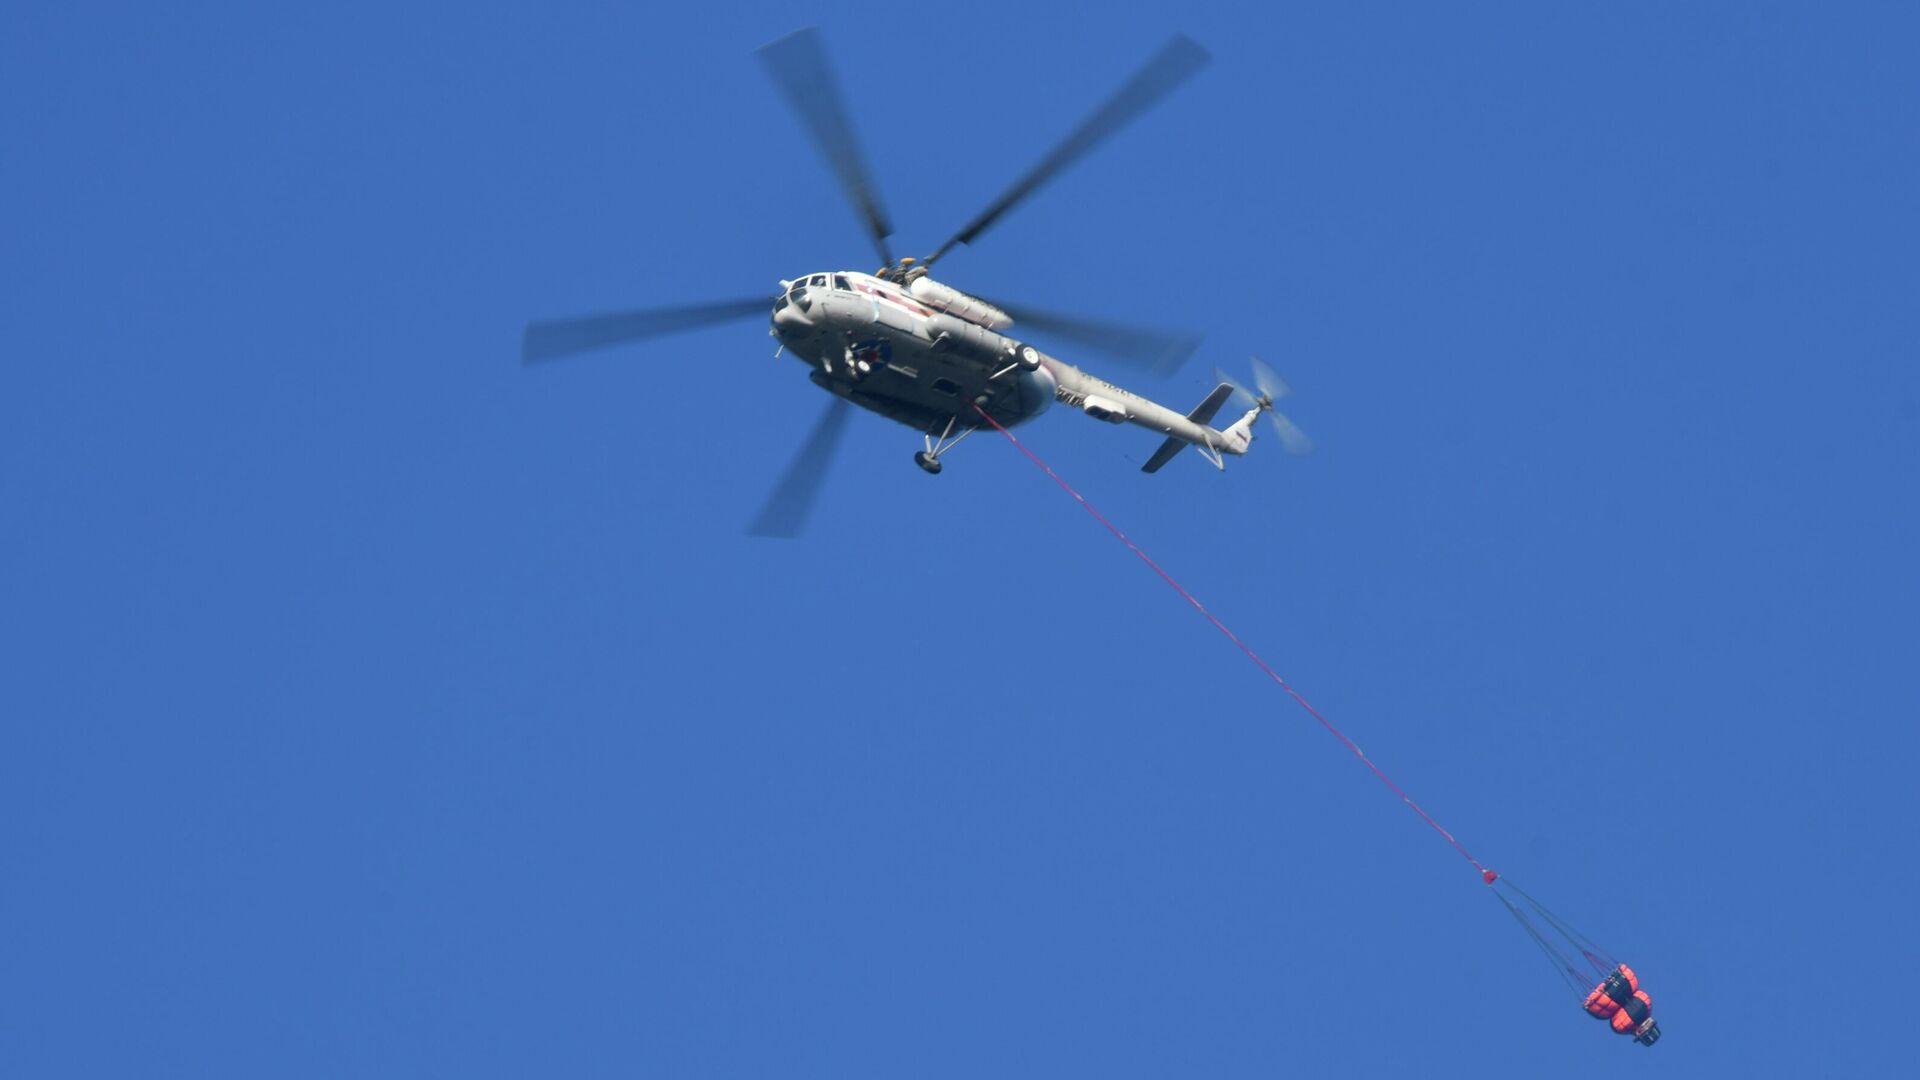 Вертолет Ми-8 МЧС России во время тушения лесных пожаров в заповеднике Утриш недалеко от Анапы - РИА Новости, 1920, 06.12.2020